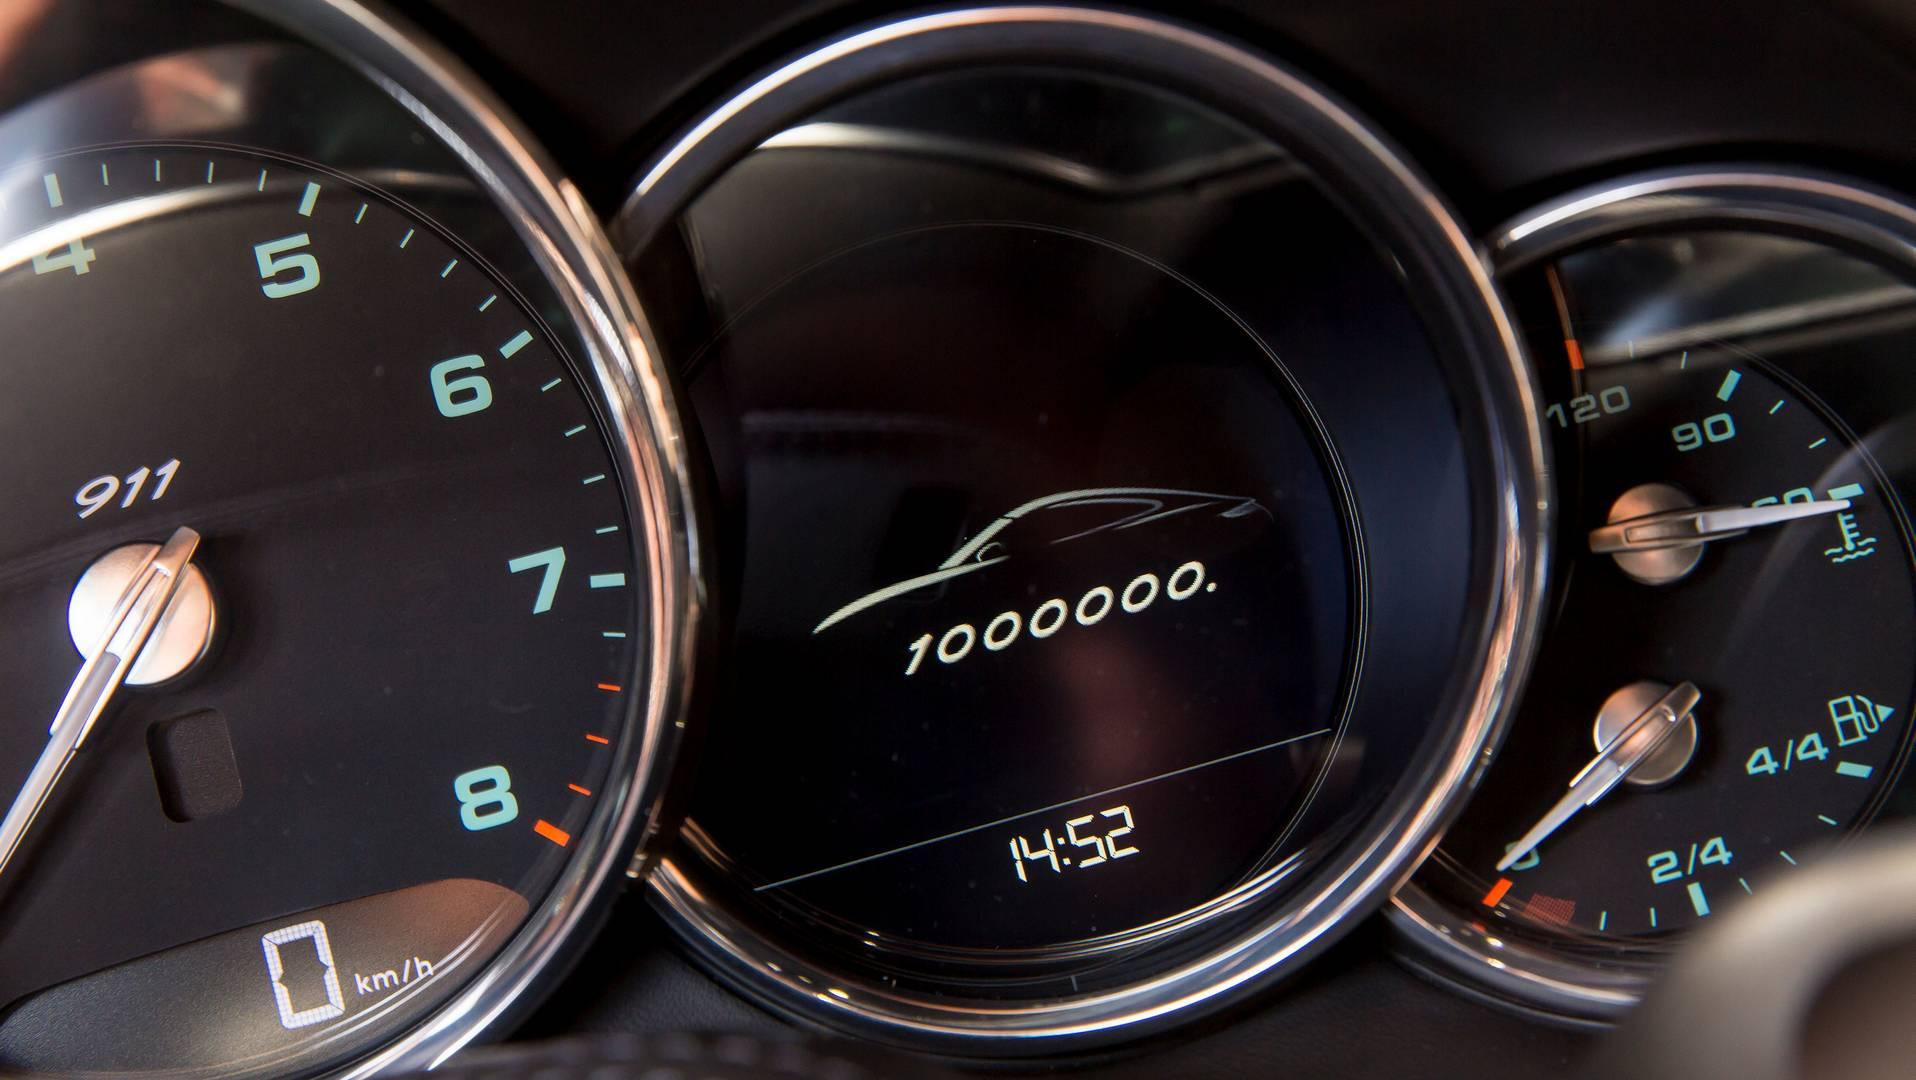 Только в прошлом году 32 365 Porsche 911 были доставлены клиентам по всему миру, но Porsche утверждает, что он сохраняет эксклюзивность автомобиля на протяжении многих лет.